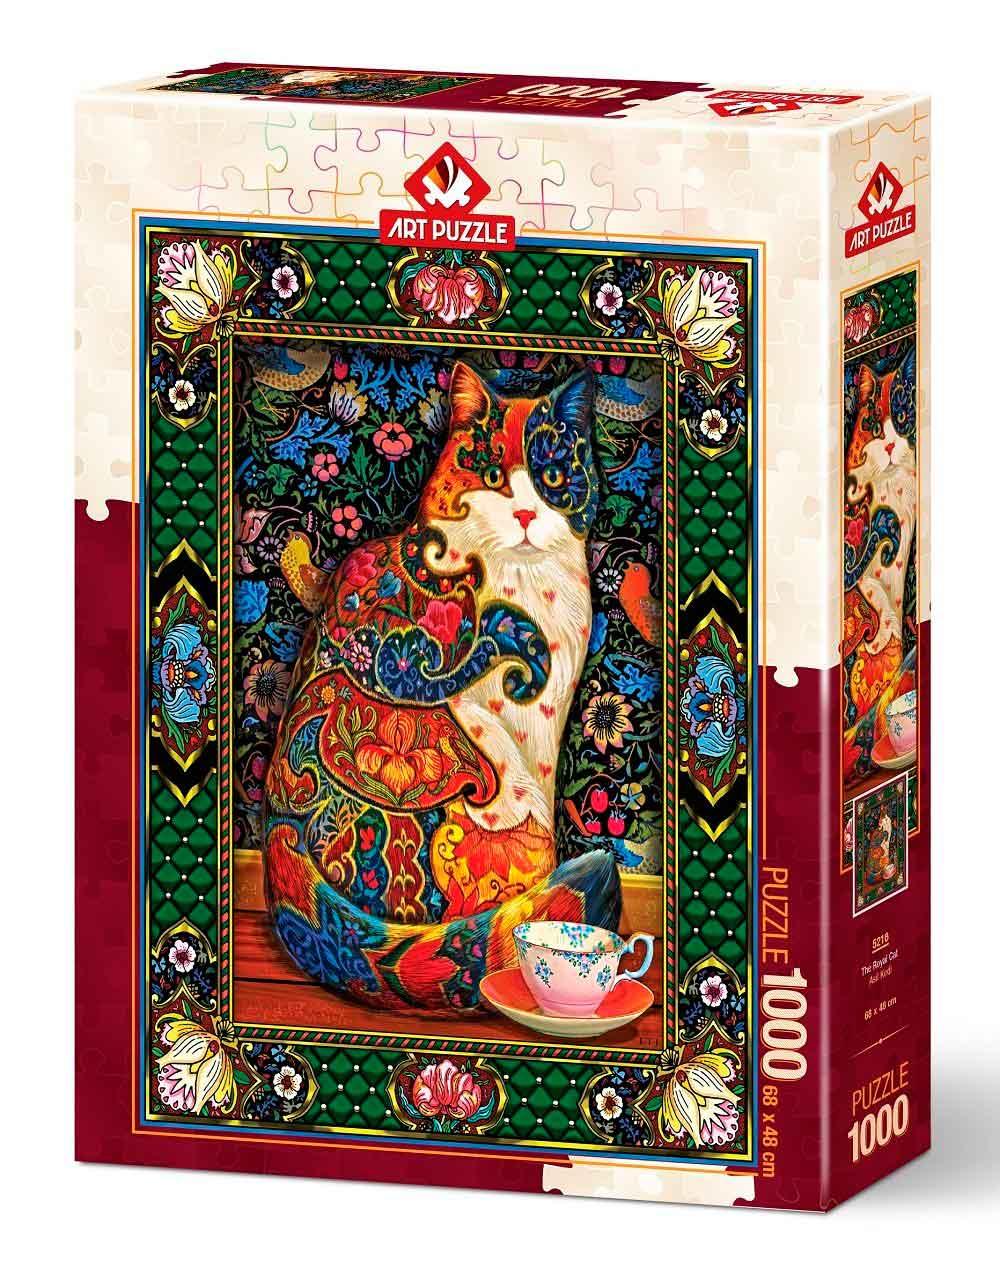 Puzzle Art Puzzle El Gato Real de 1000 Piezas